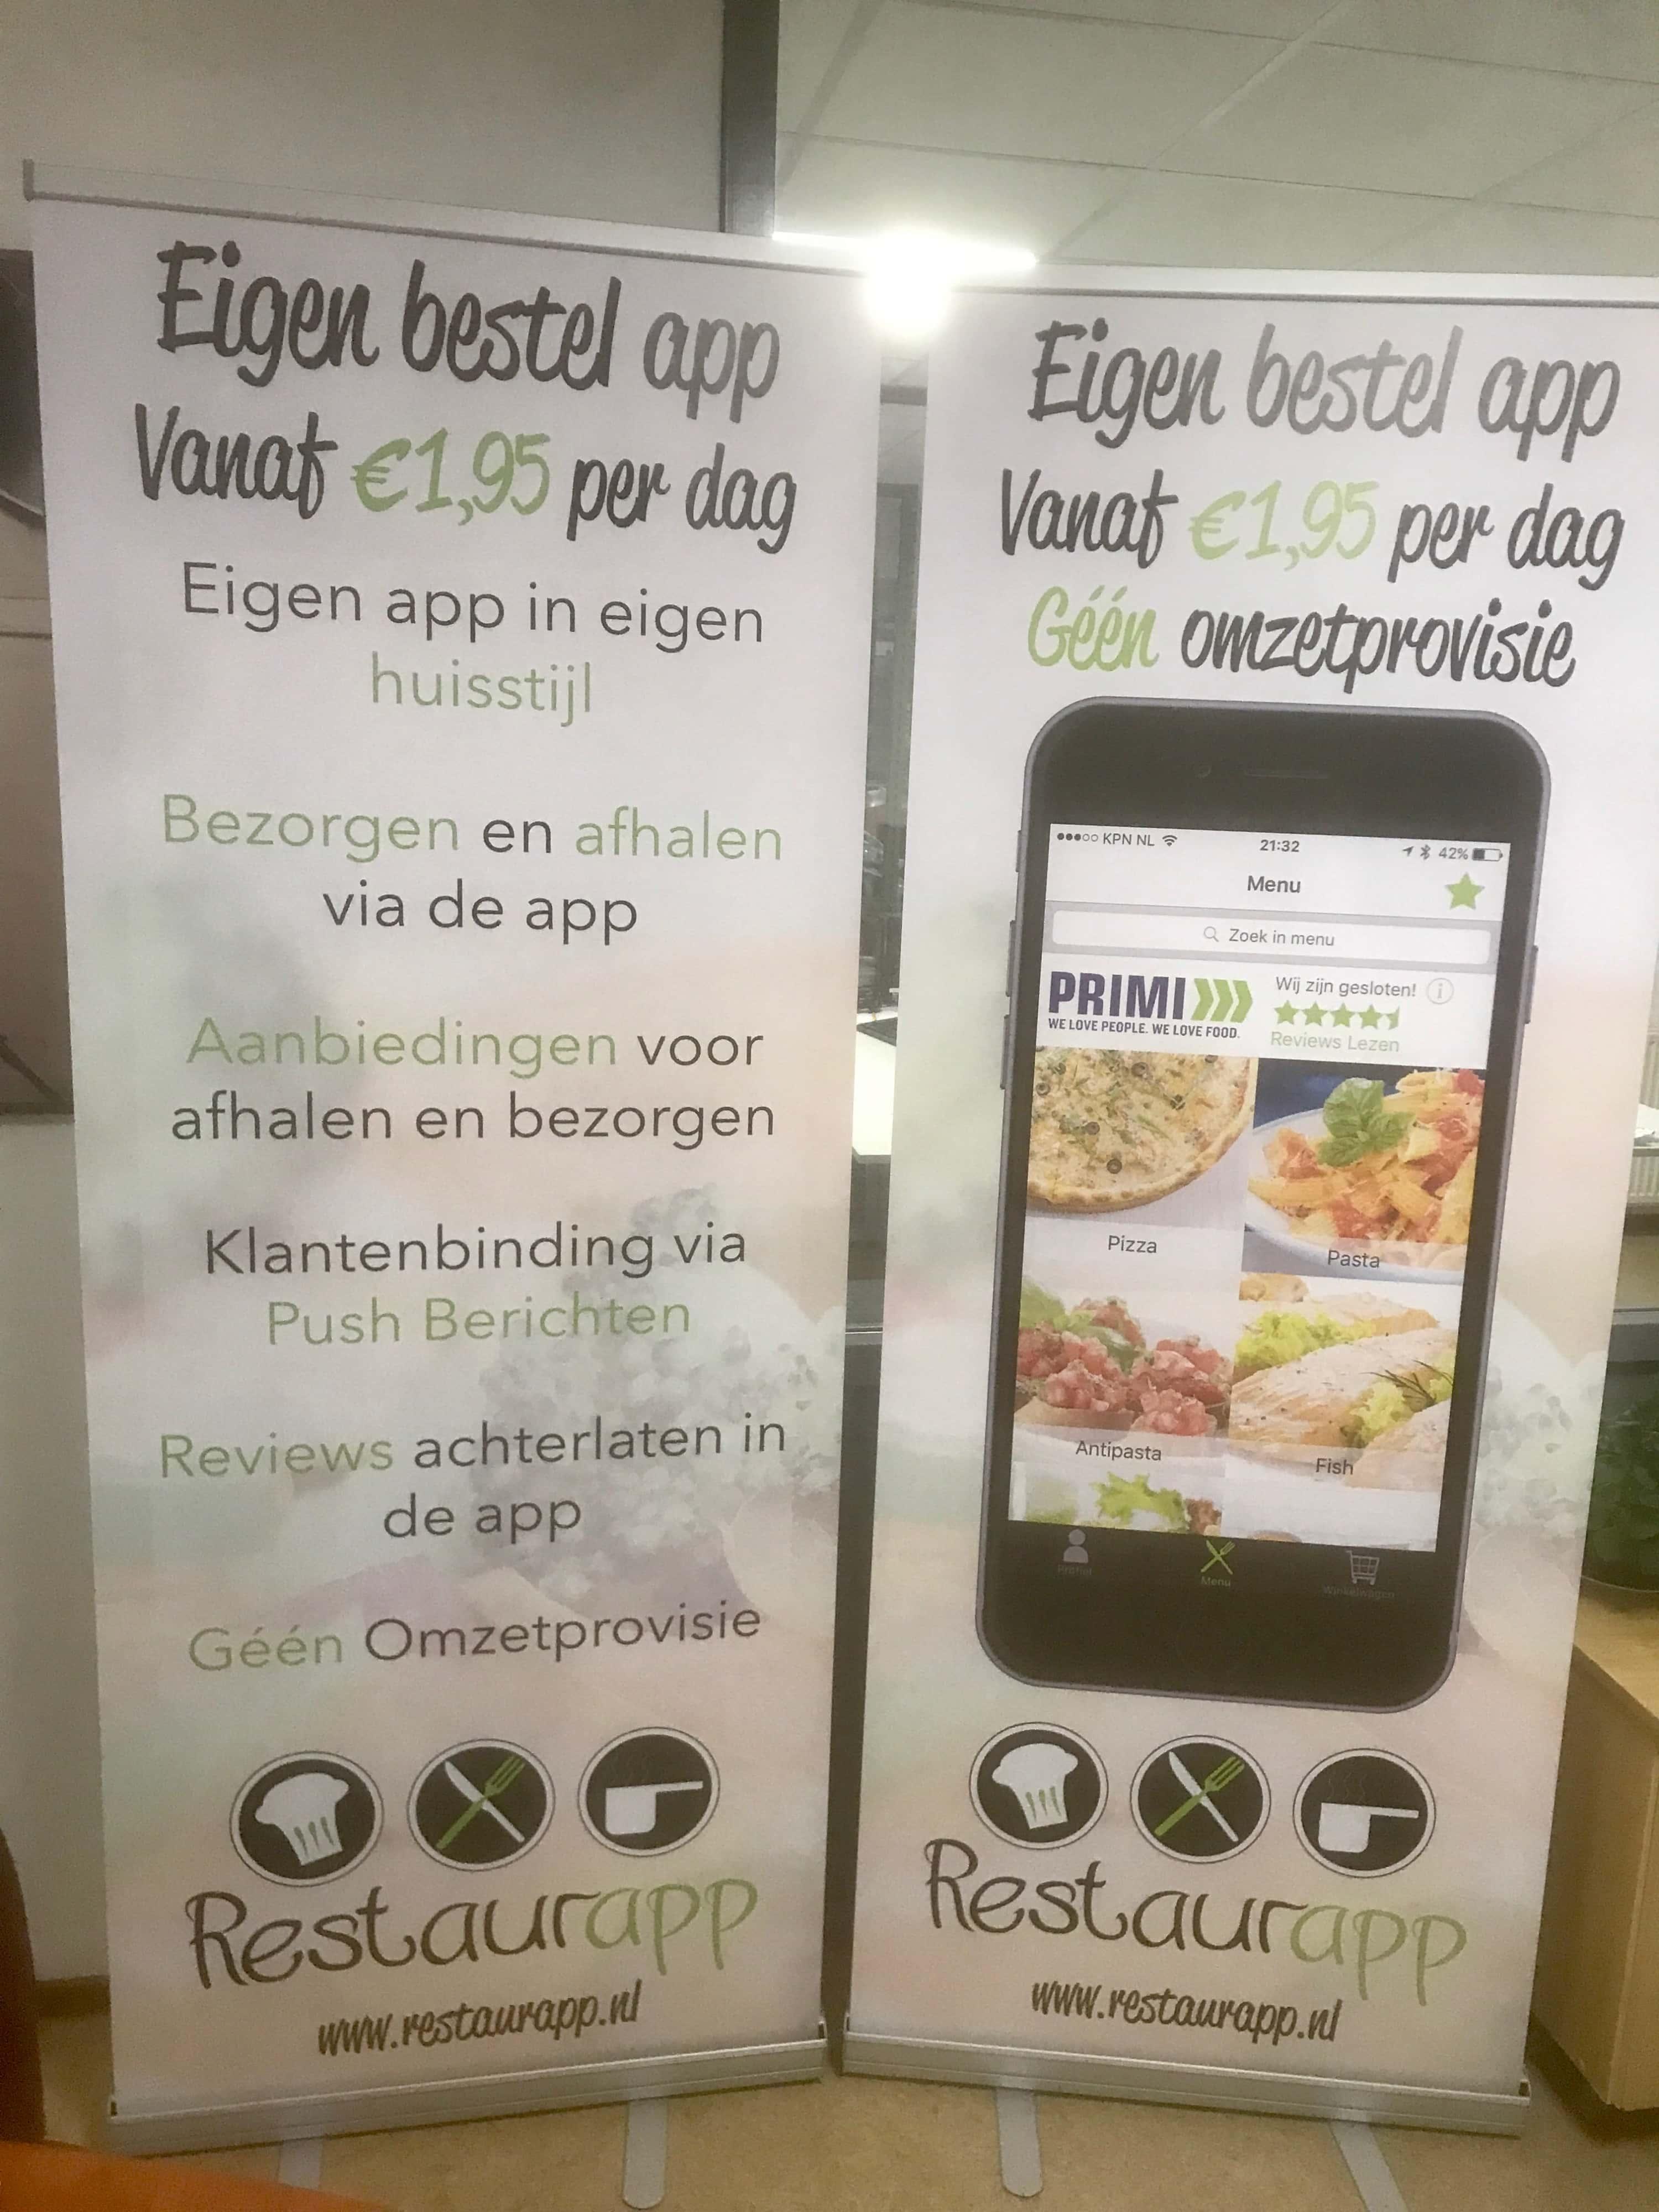 Restaurapp banners met de eigen bestel app en extra informatie